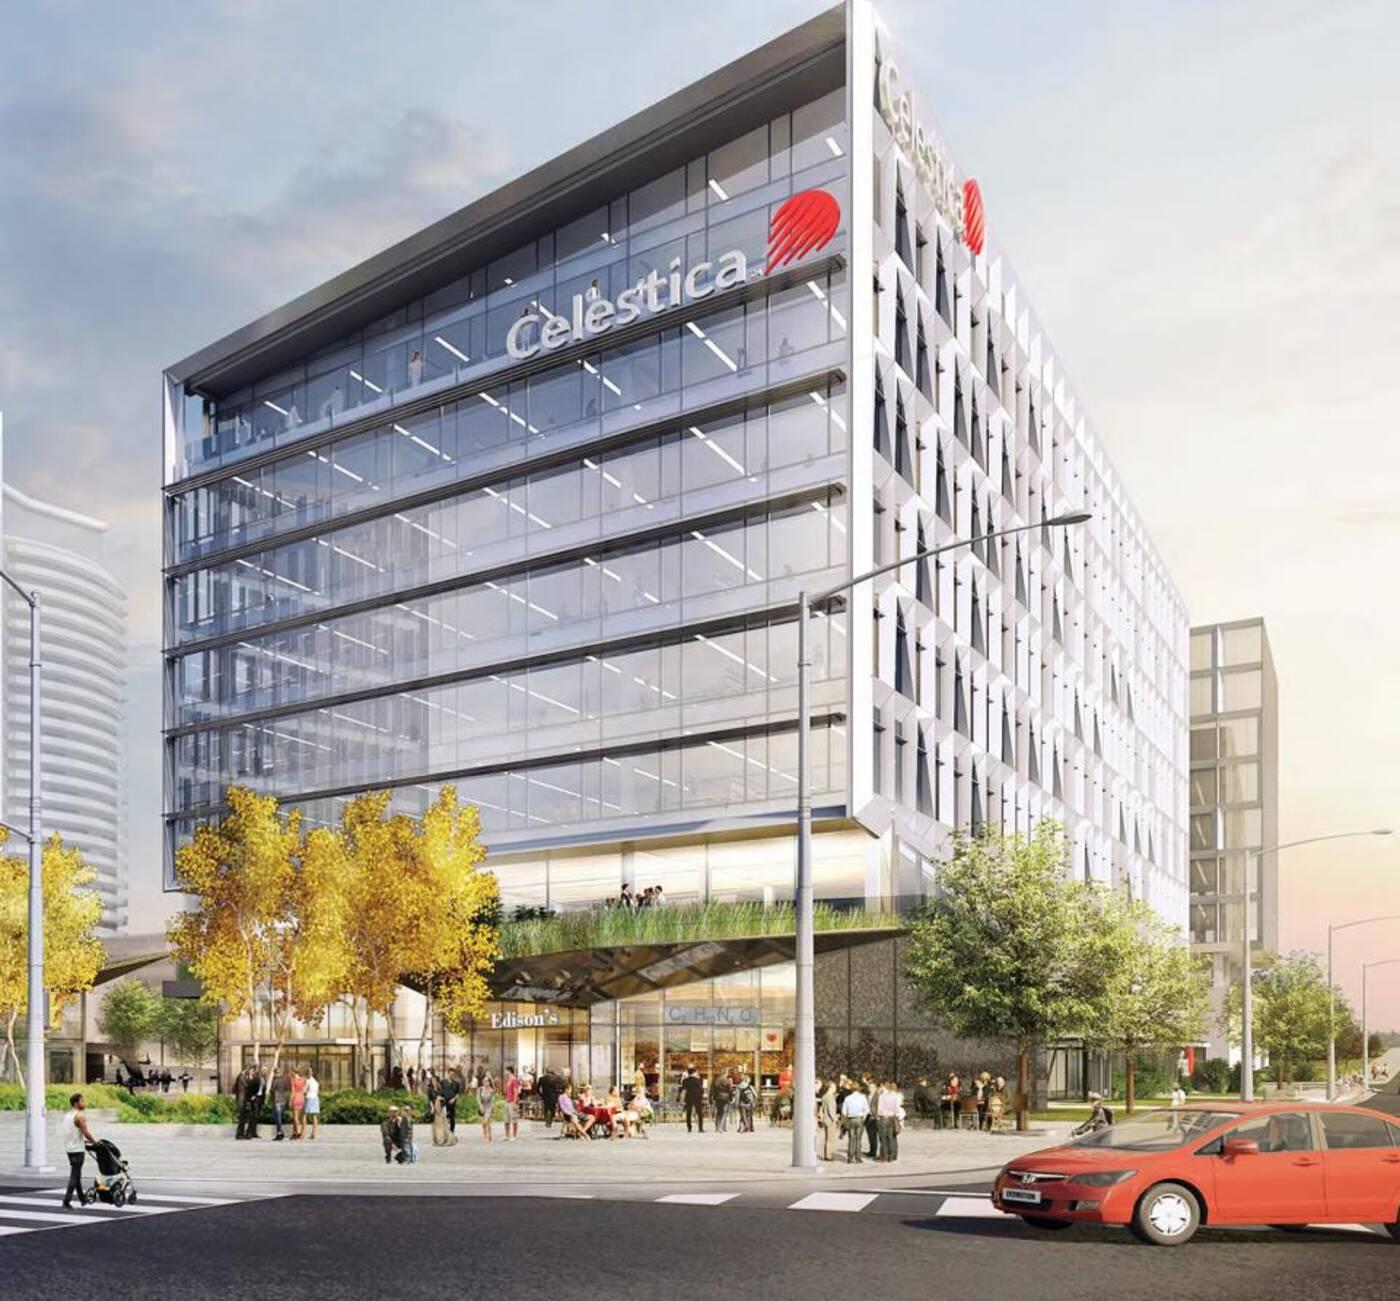 Celestica Building Toronto